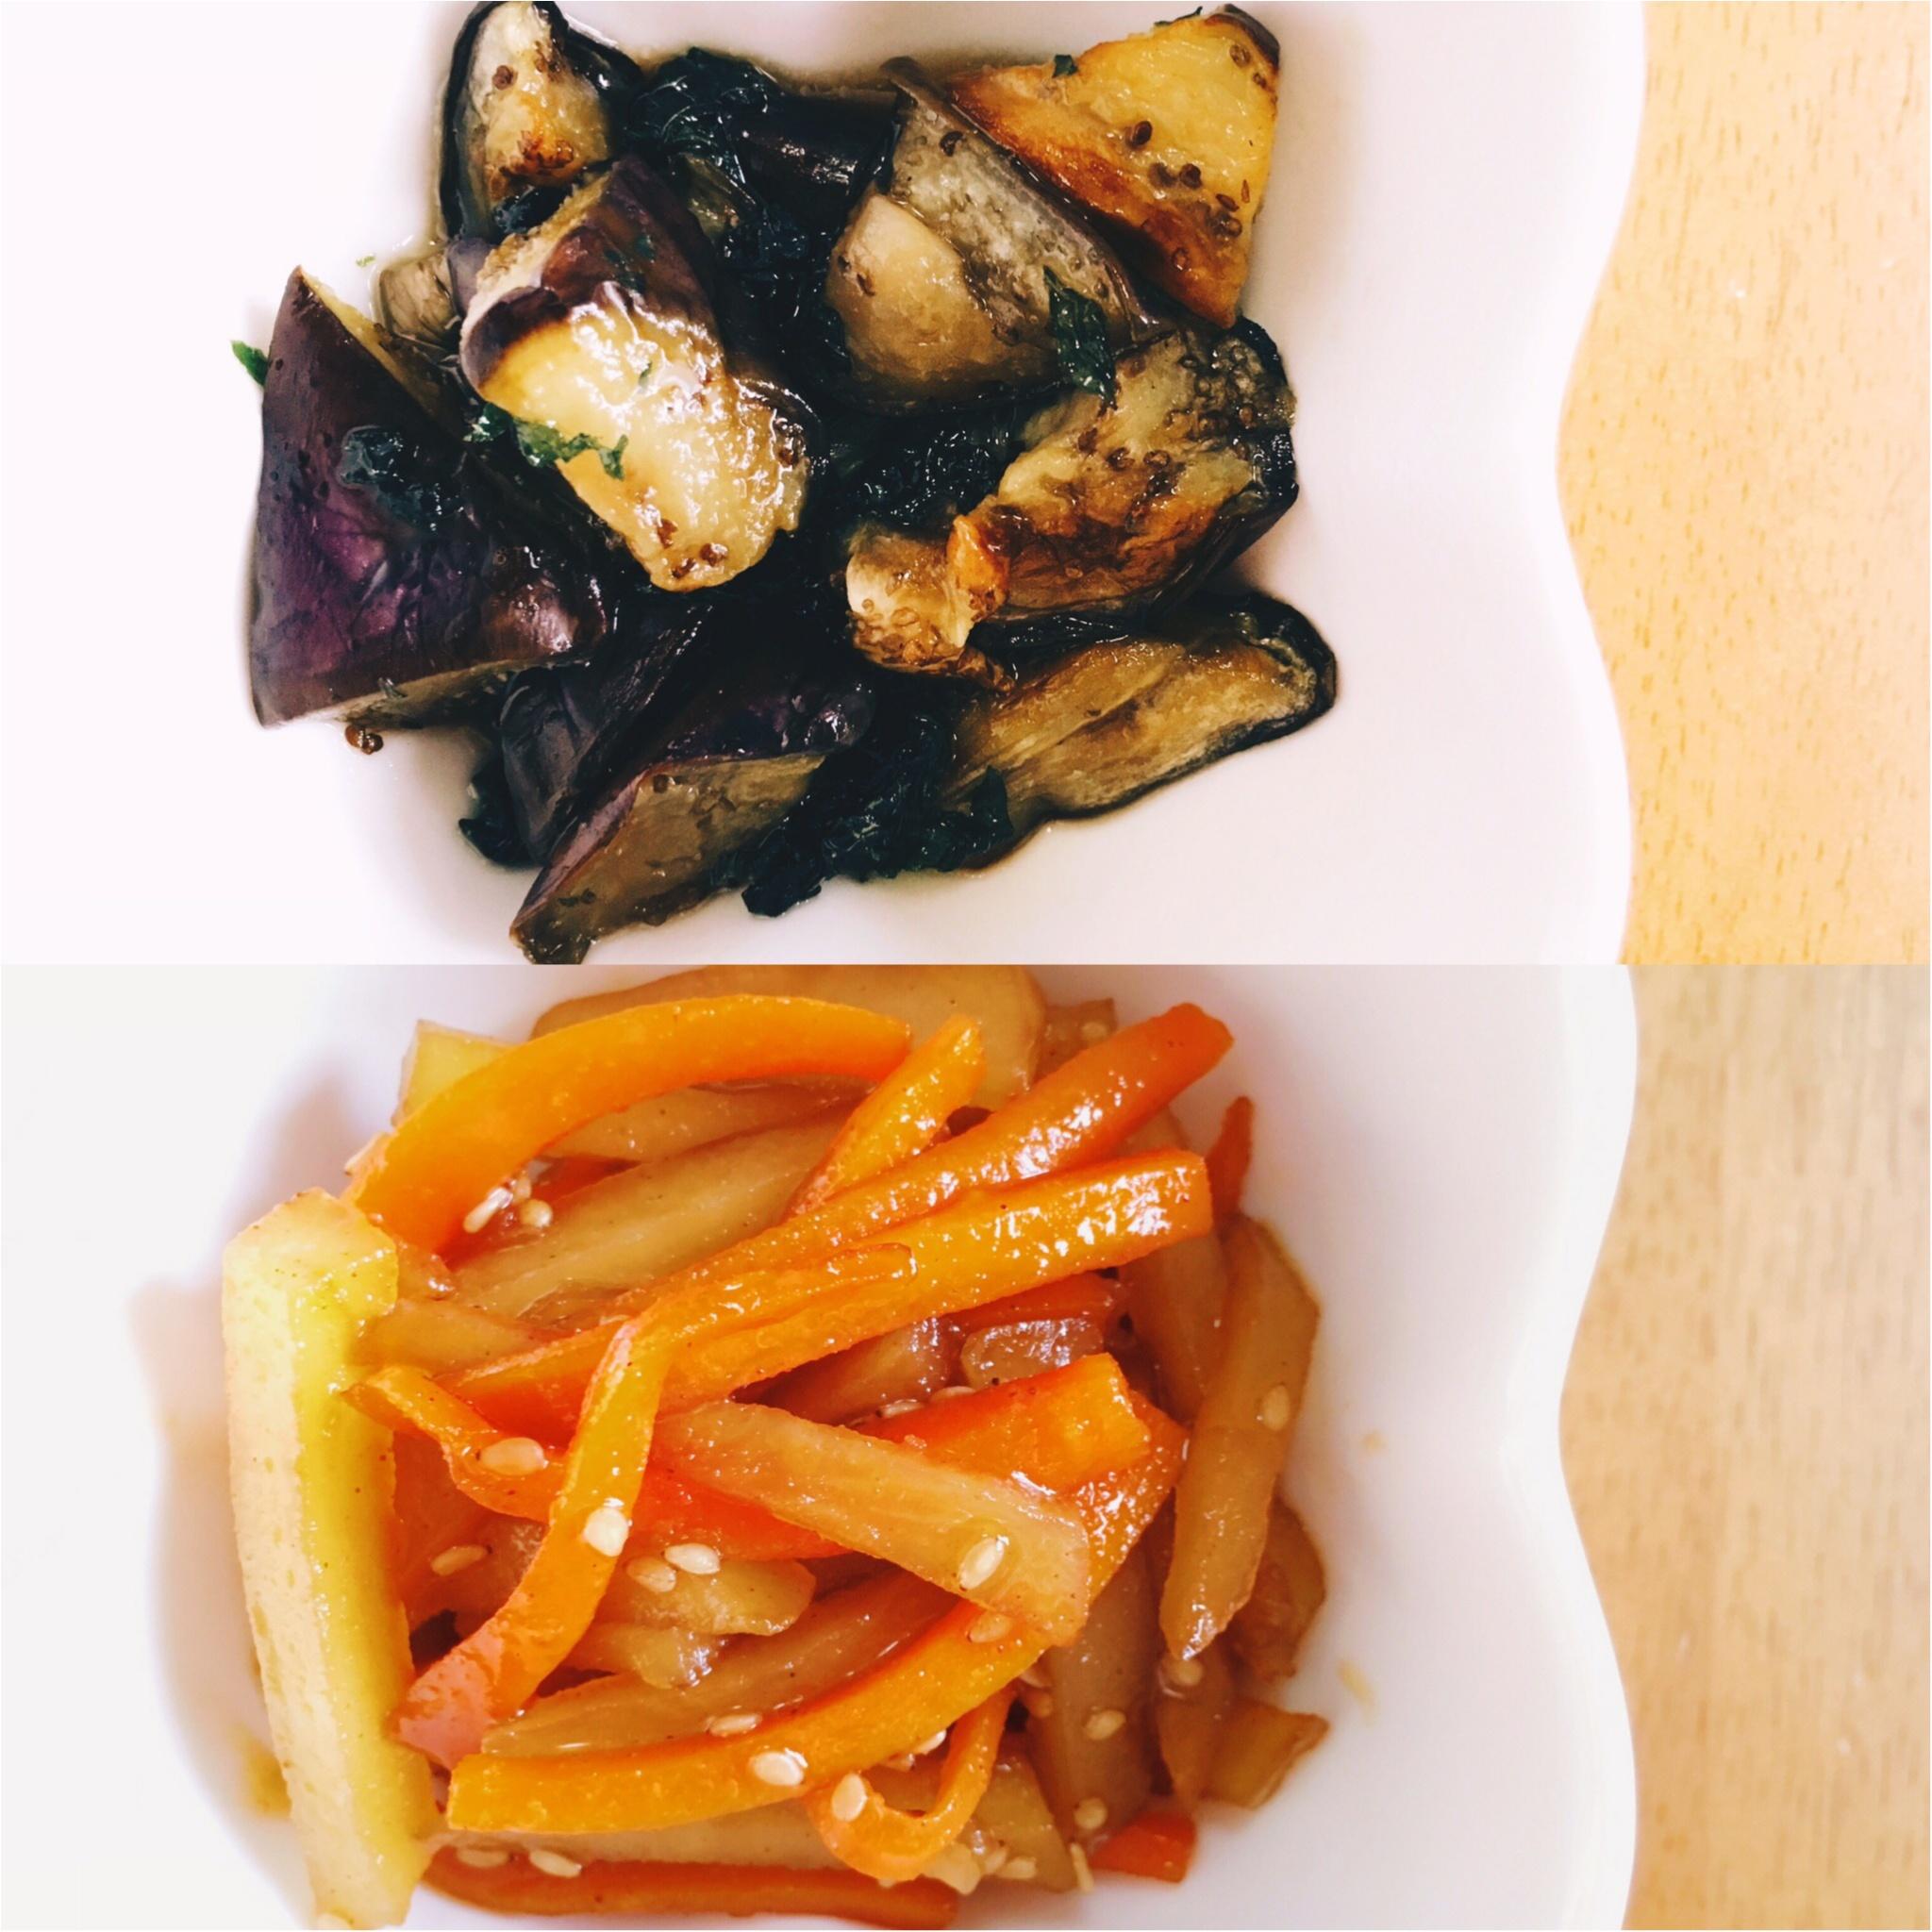 【おうちごはん】冷やしても美味しい!ご飯のおともに夏野菜おかず_2